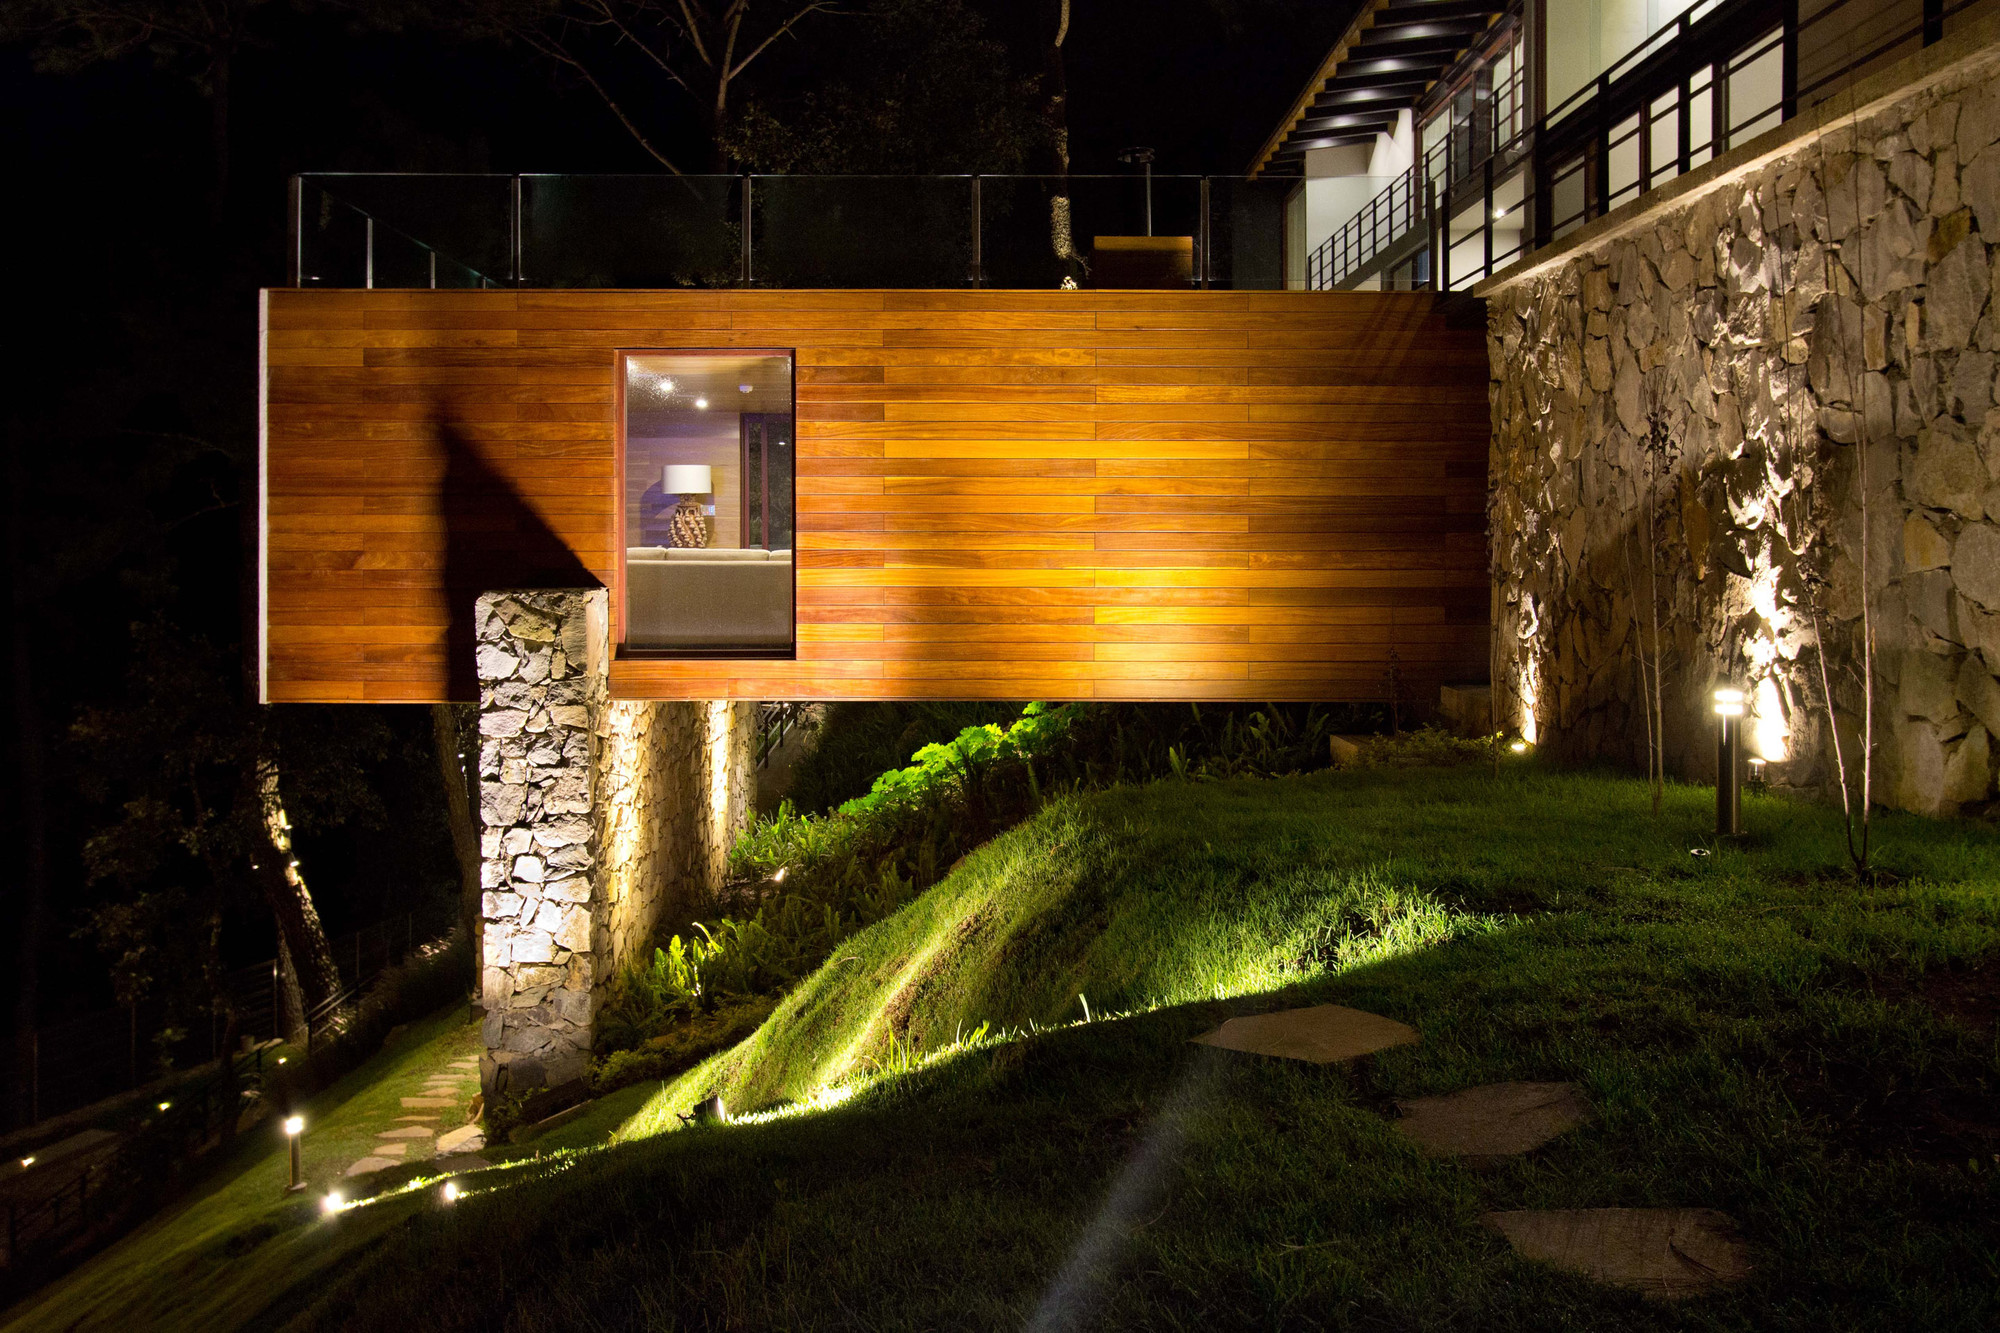 Gallery of the forest house espacio ema 5 - Casas el bosque ...